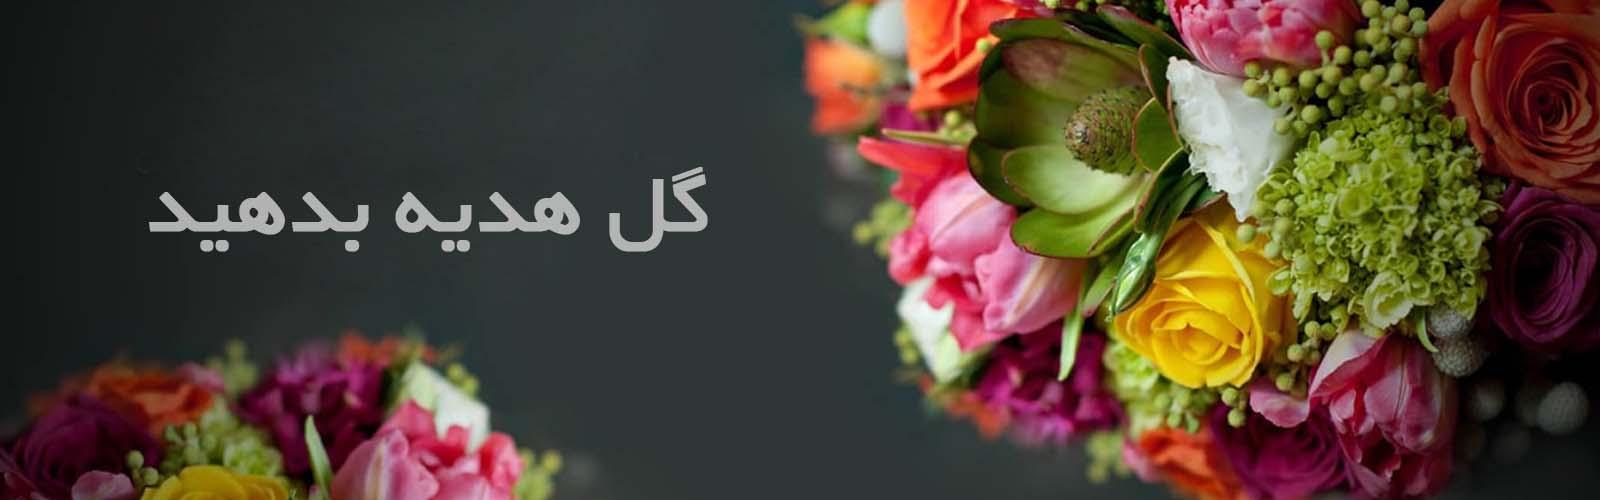 گل و گیاه 3